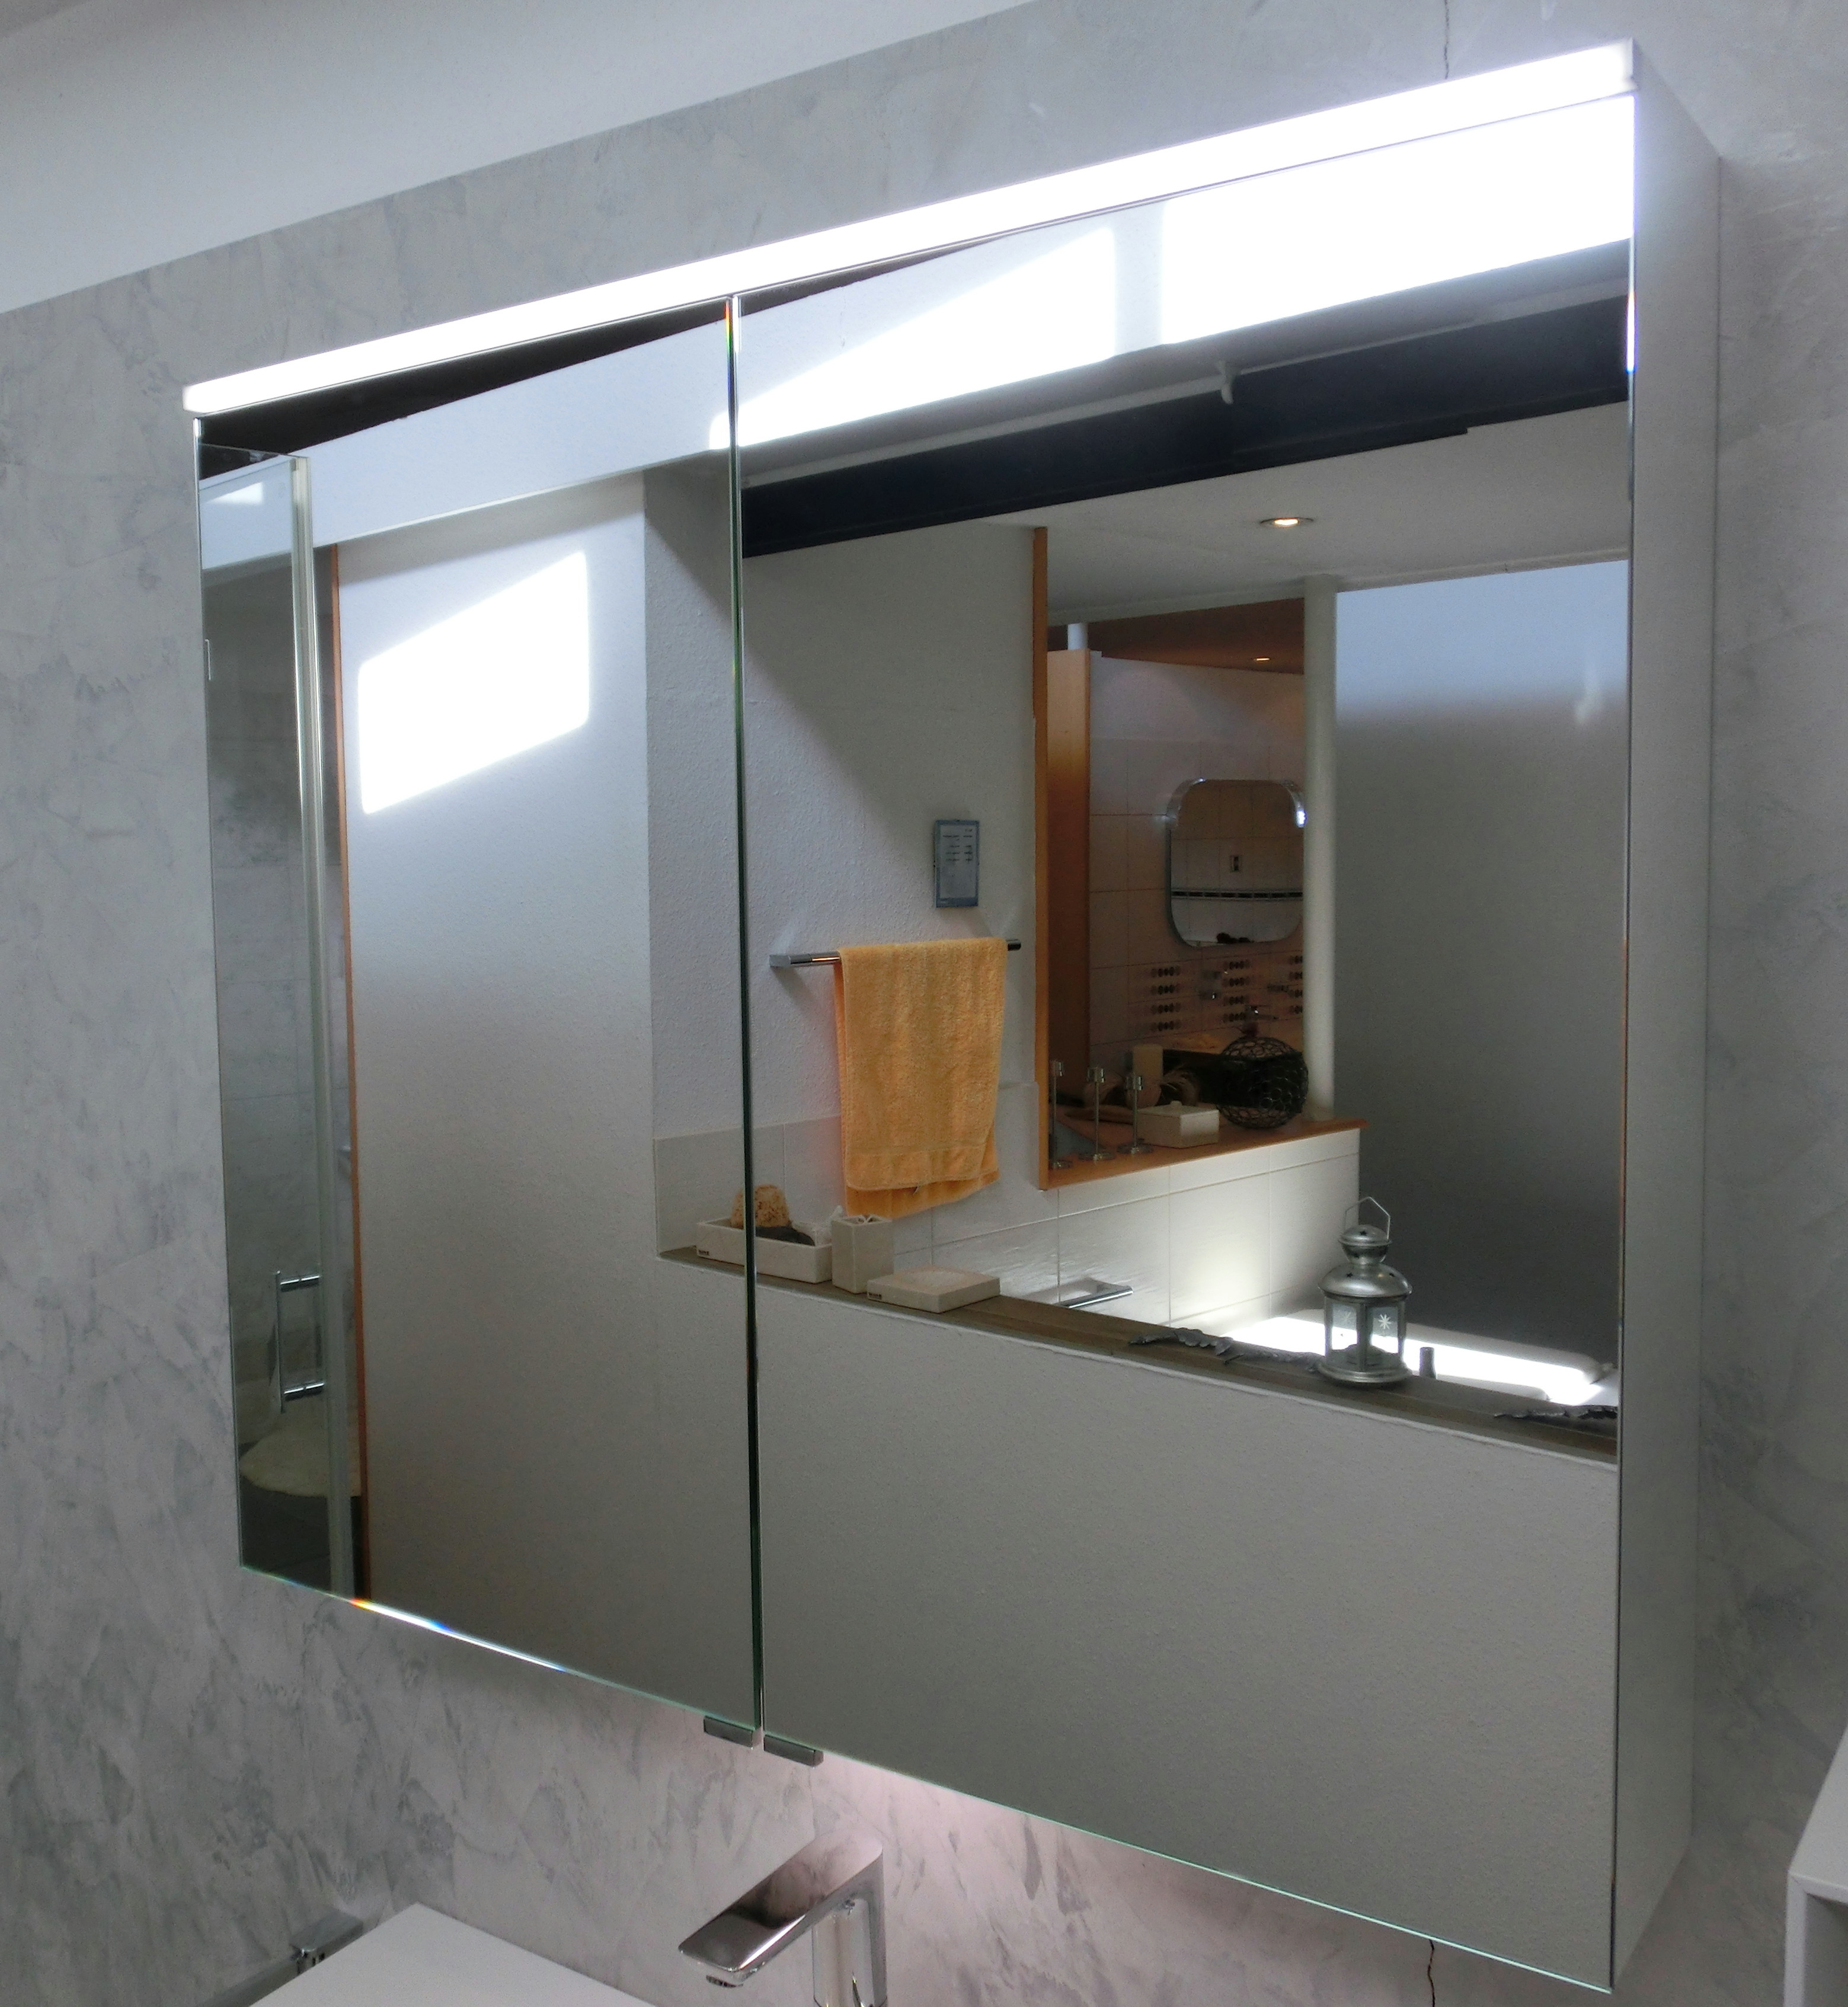 burgbad-eqio-spiegelschrank-mit-led-beleuchtung-90cm-weiss-glaenzend-spgs090f2009-47628_37858 Spannende Spiegelschrank Mit Led Beleuchtung Dekorationen